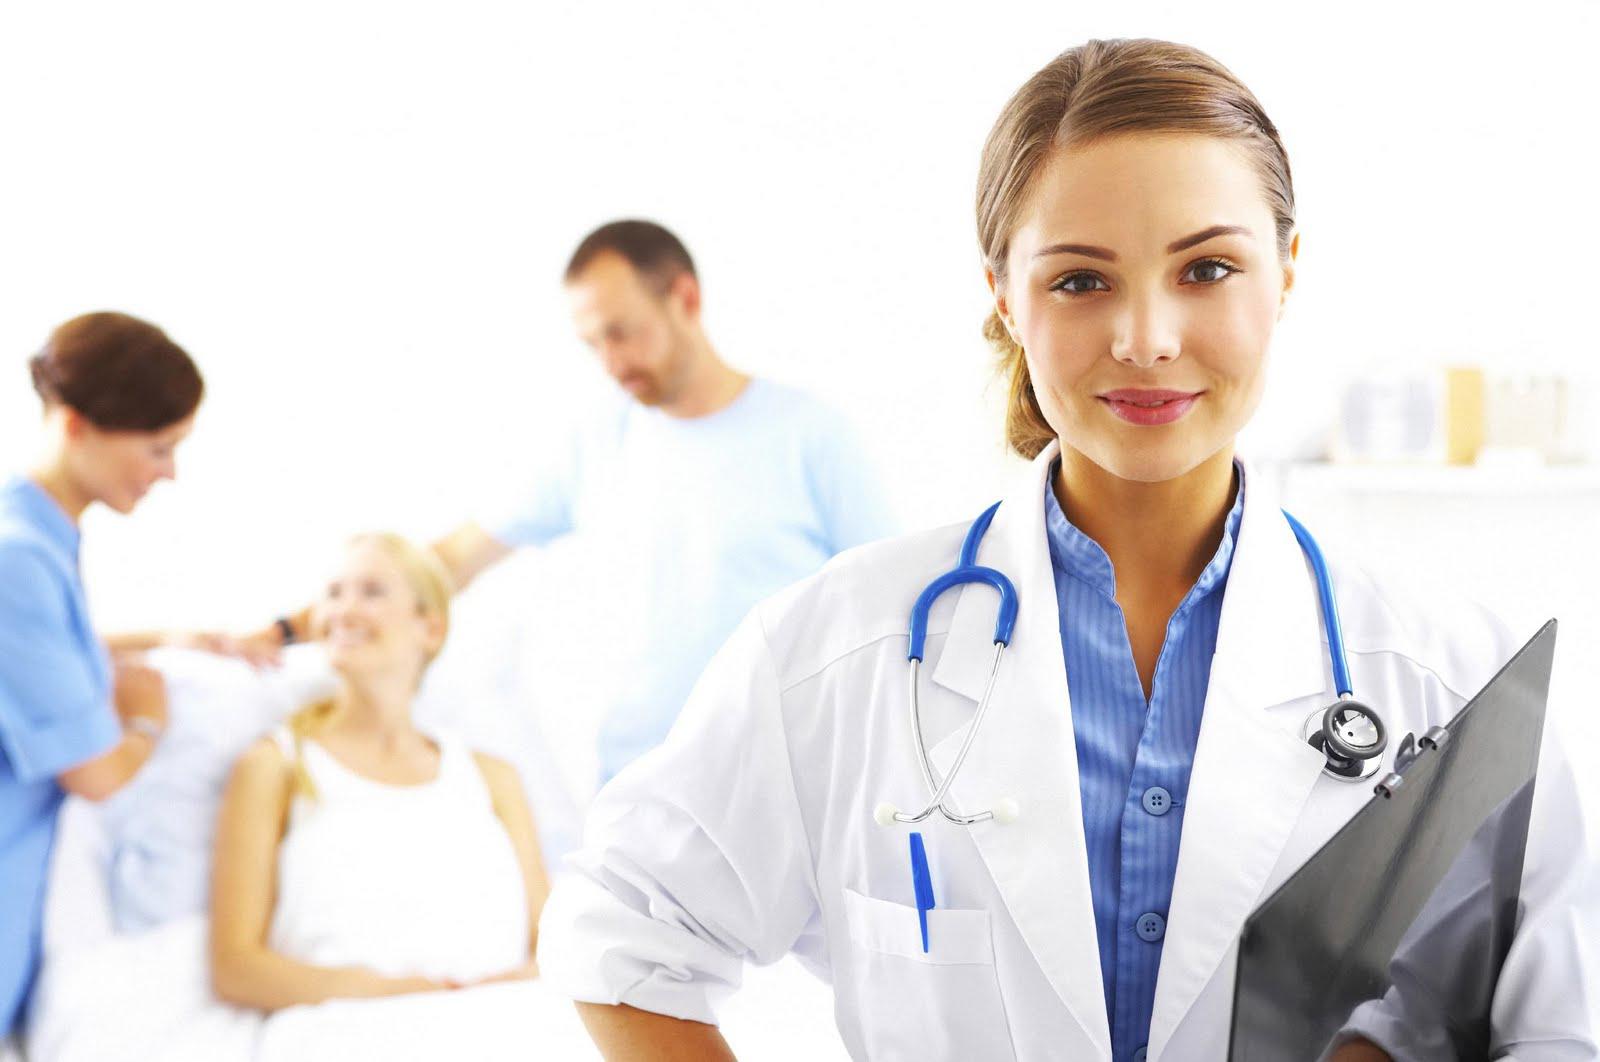 Chi phí phá thai phụ thuộc vào trình độ bác sĩ